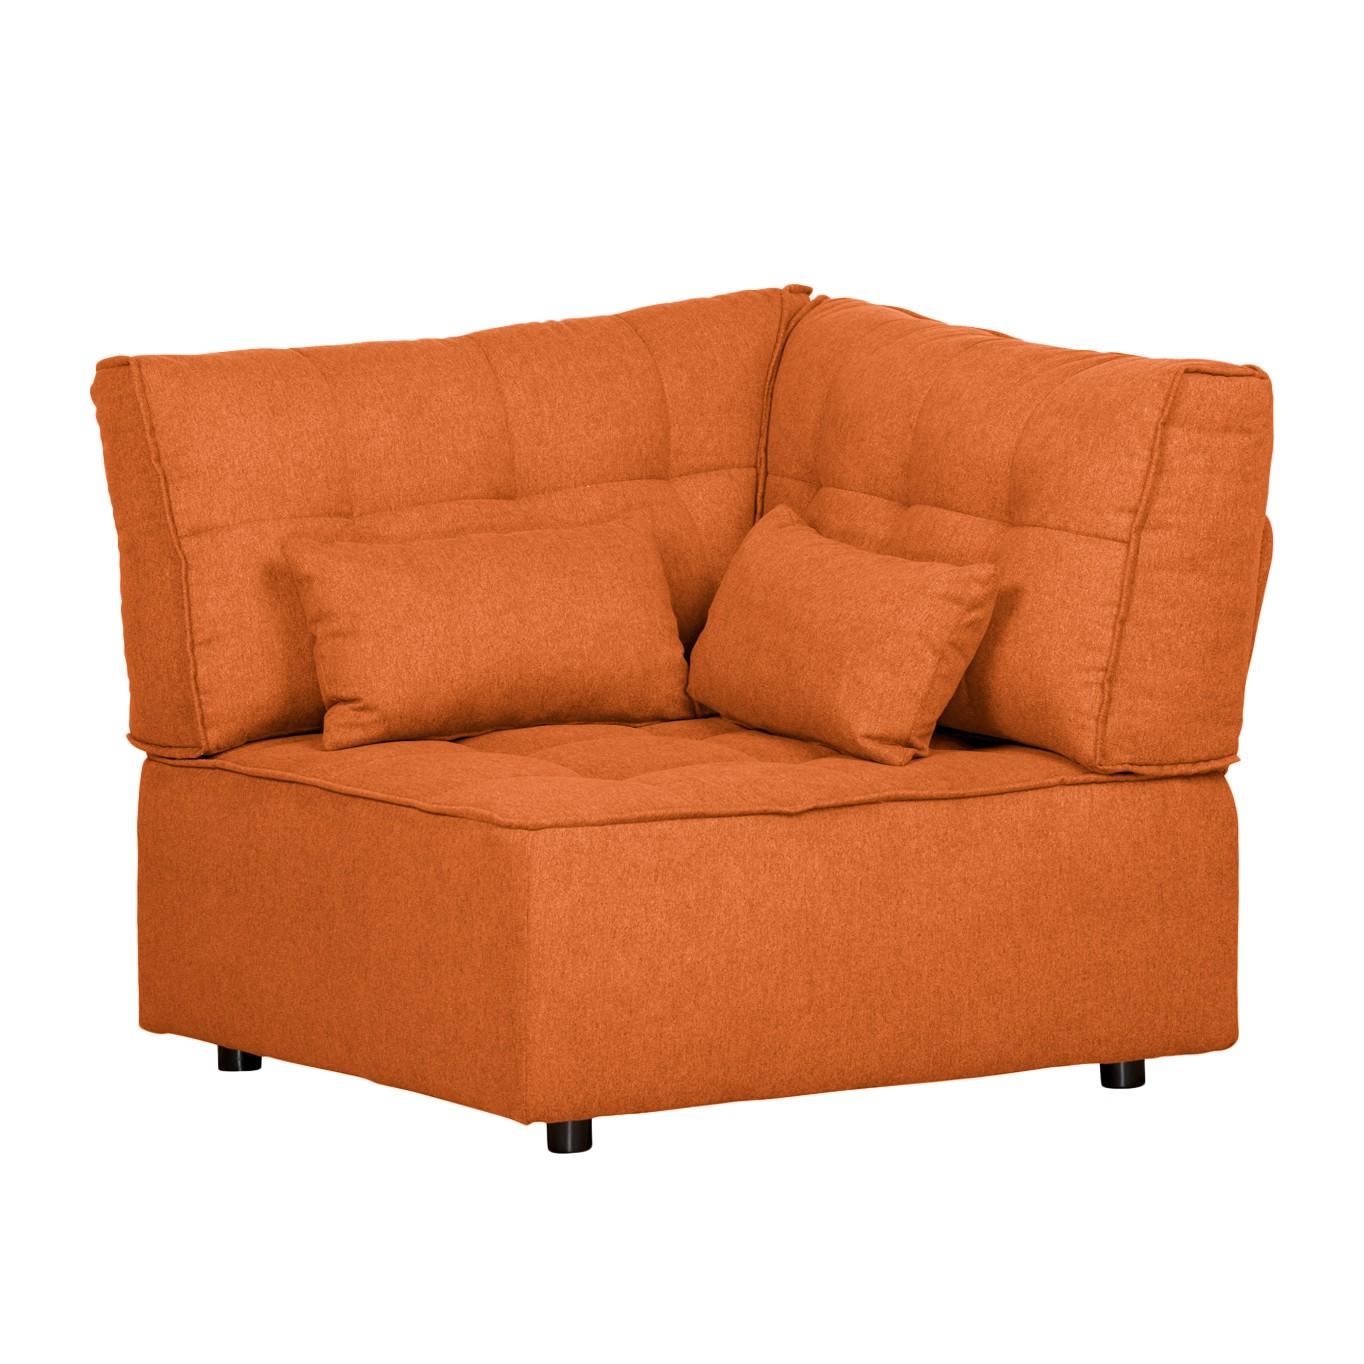 Sessel Eck-Modul Dale - Webstoff - Orange, Naturoo